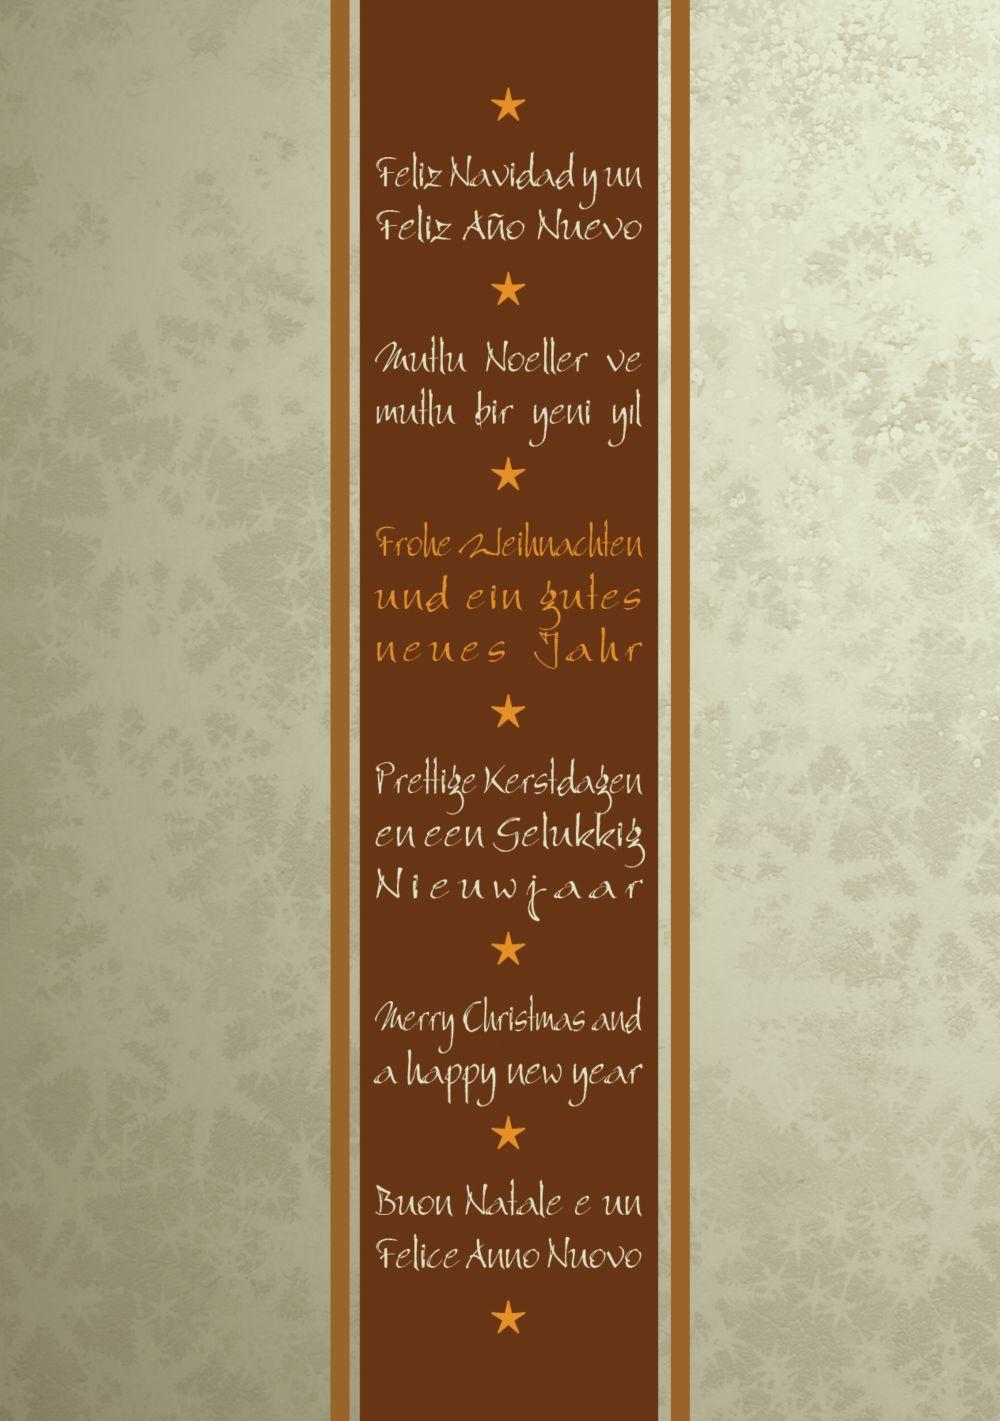 Ansicht 4 - Einladung snowflakes